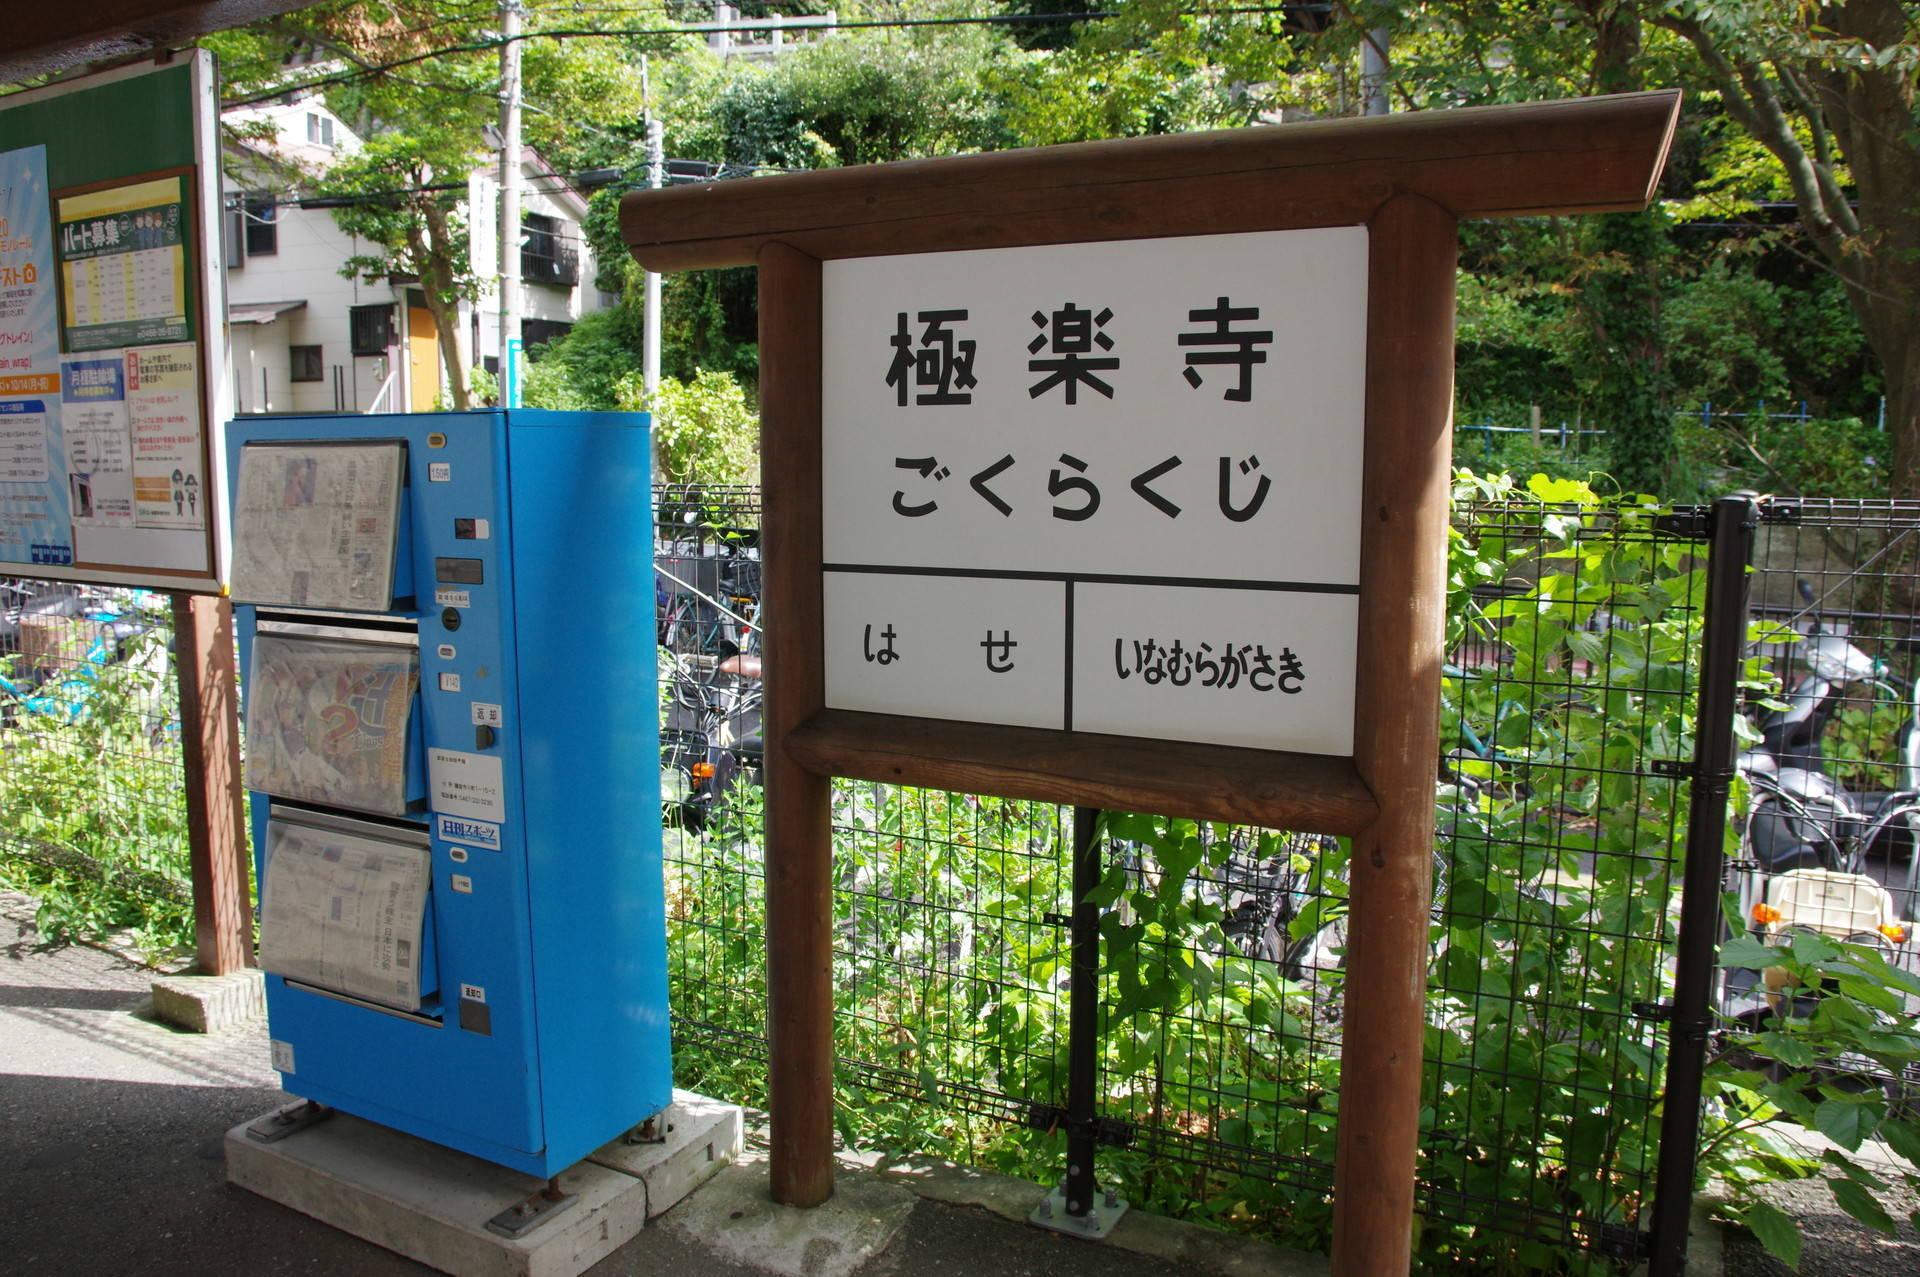 レトロなタイプの駅名標と水色の新聞自販機